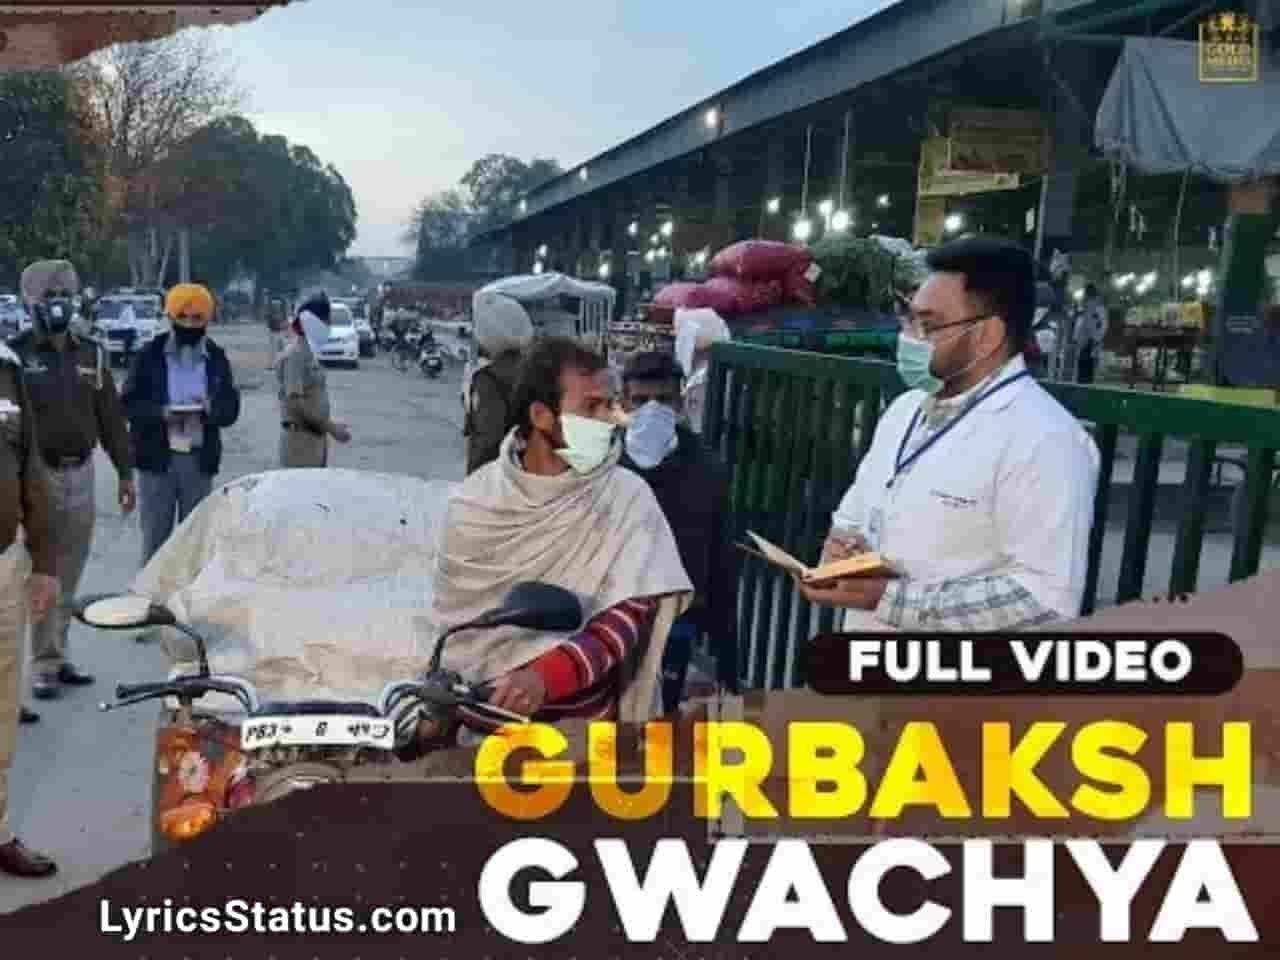 Sidhu Moose Wala Gwacheya Gurbakash R Nait Lyrics Status Download Punjabi Song Main Gurbakash Gwacha Italy ton aaya haan Black Background